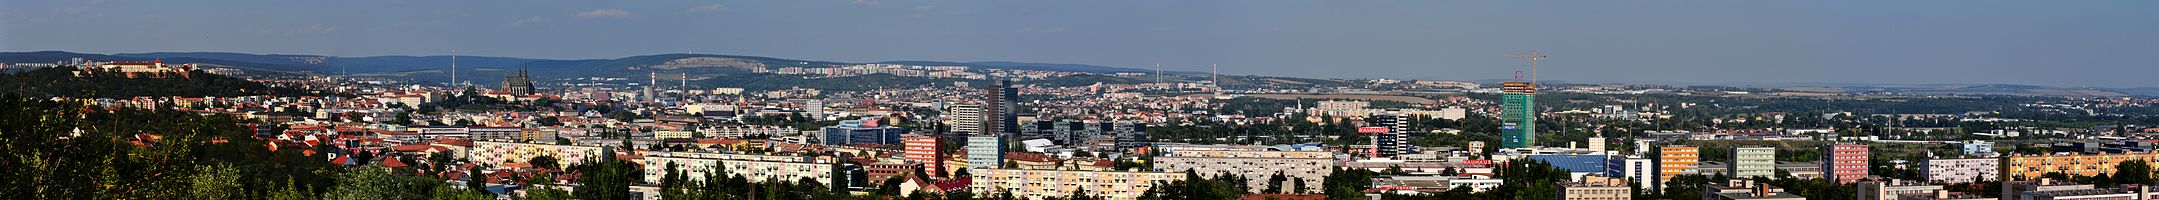 Brno - Wikipedia